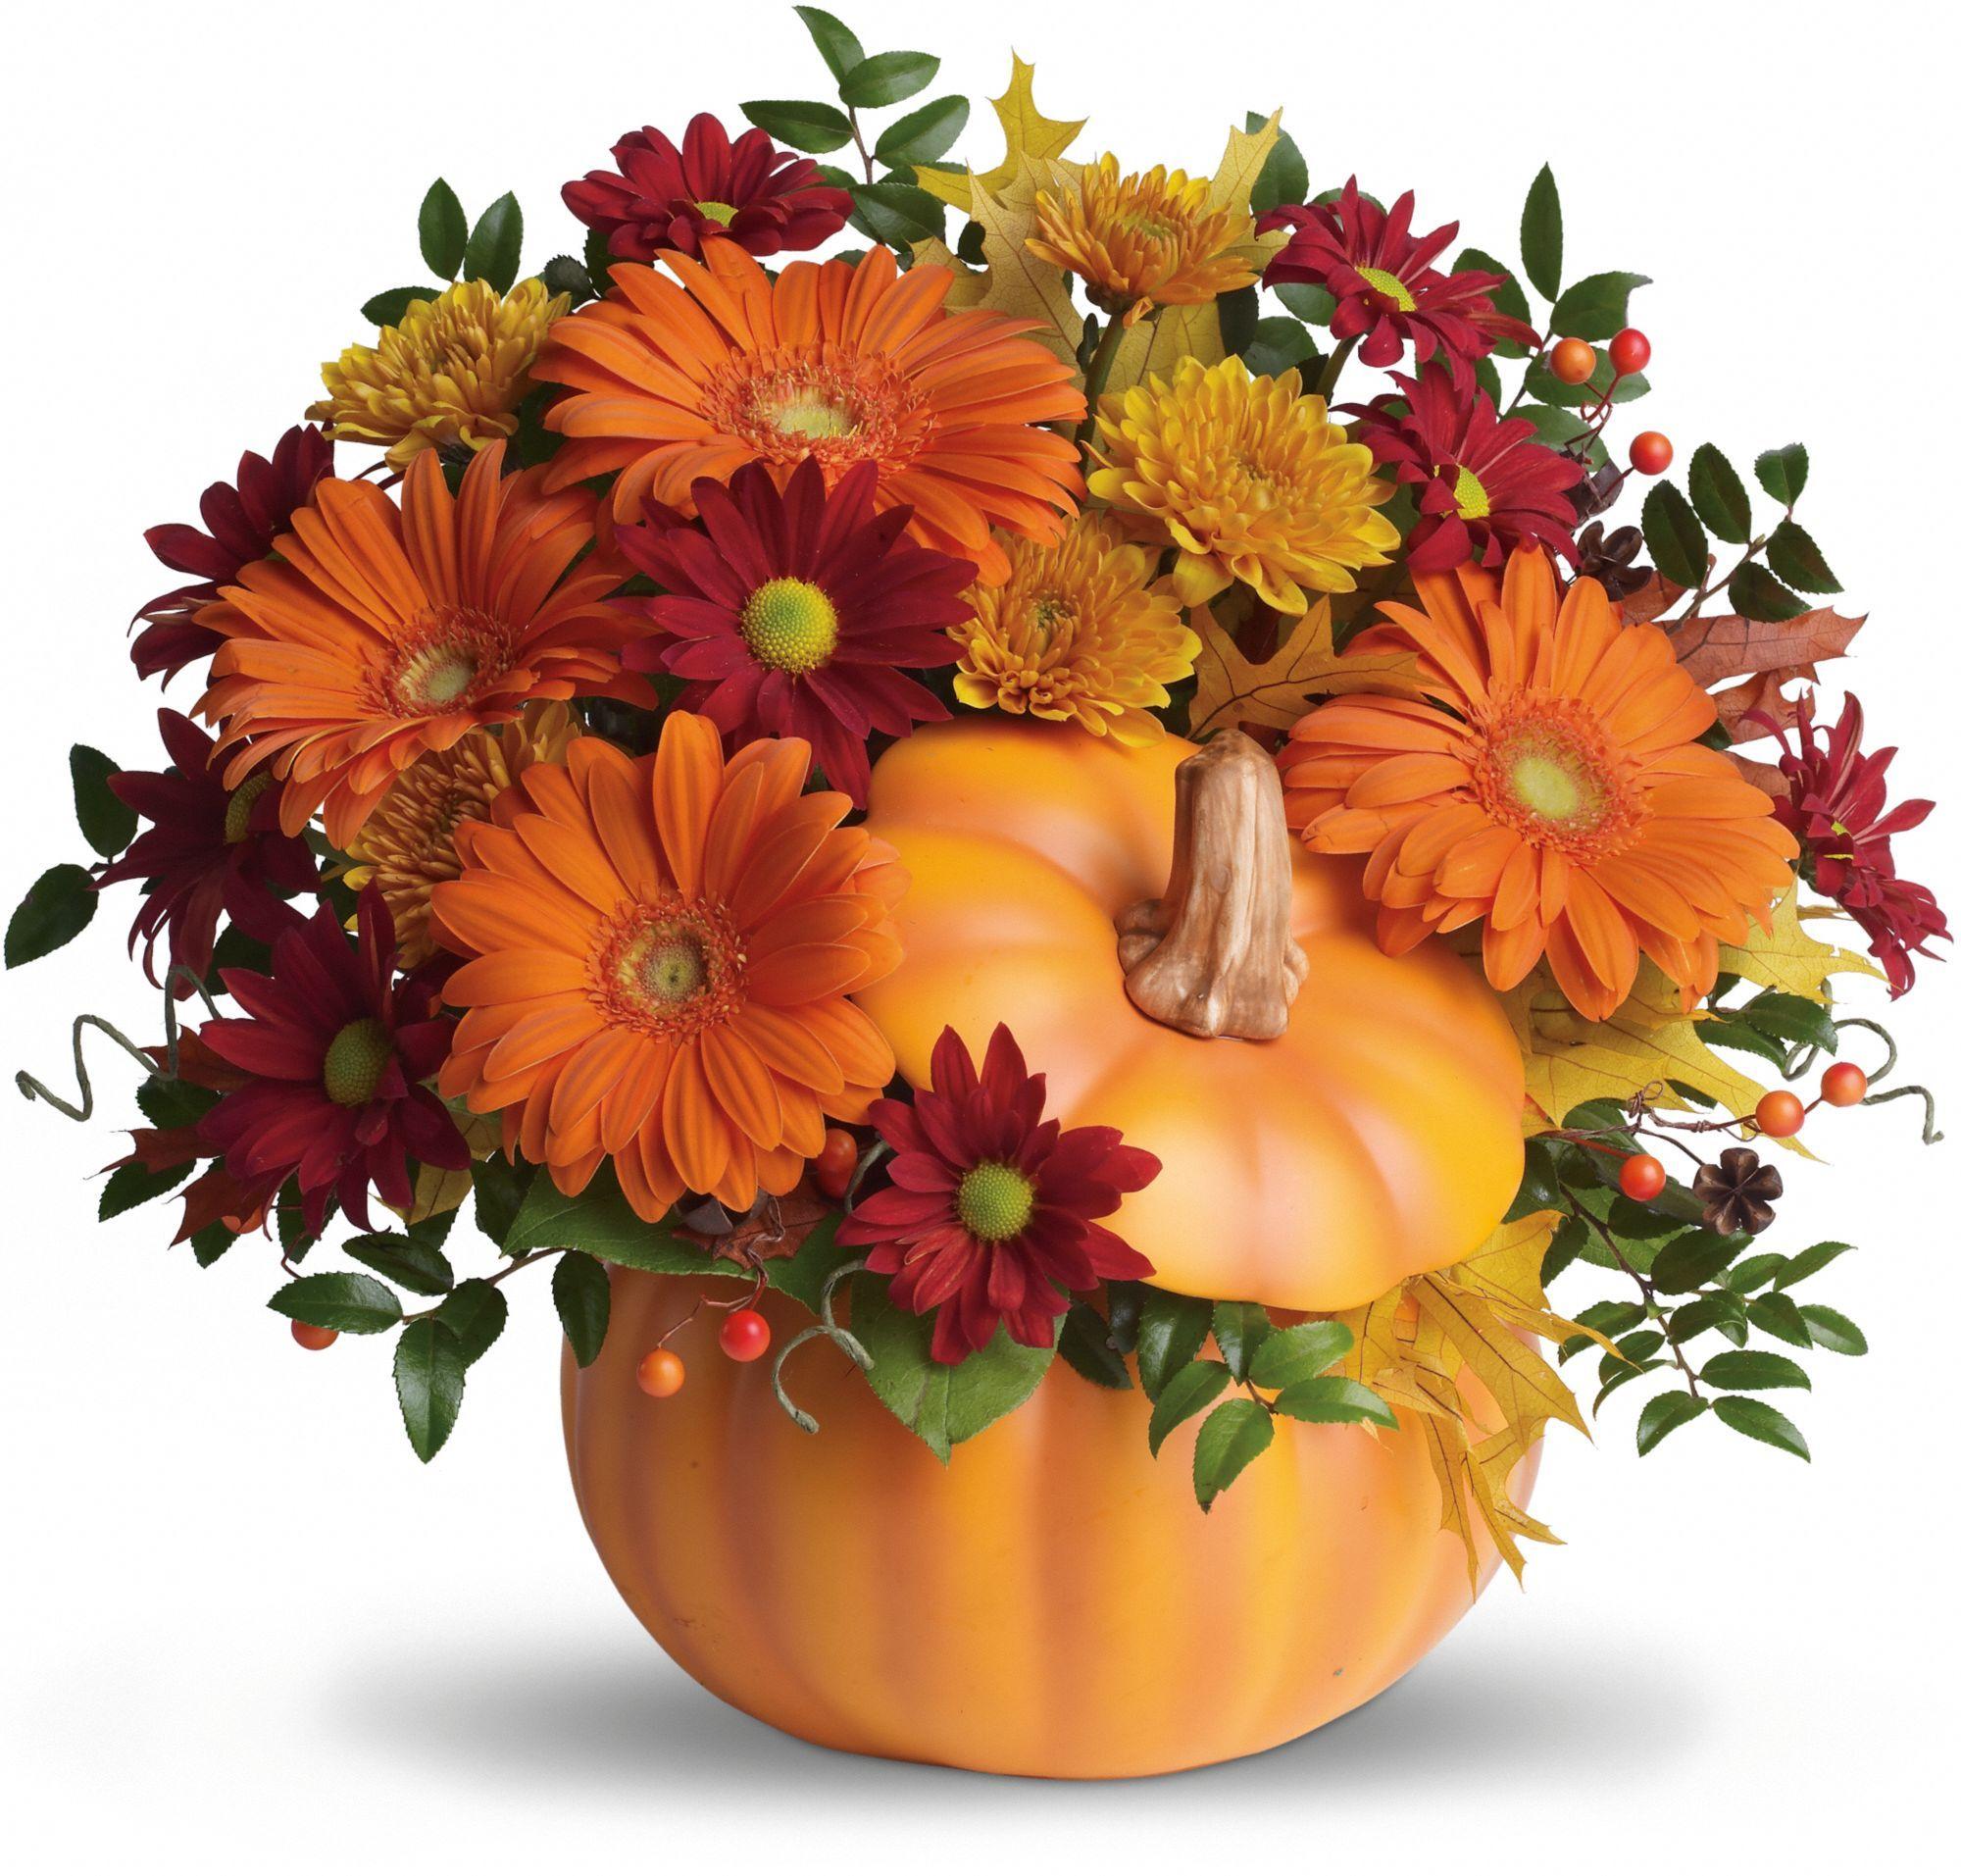 Teleflora's Country Pumpkin bouquet Thanksgiving flowers